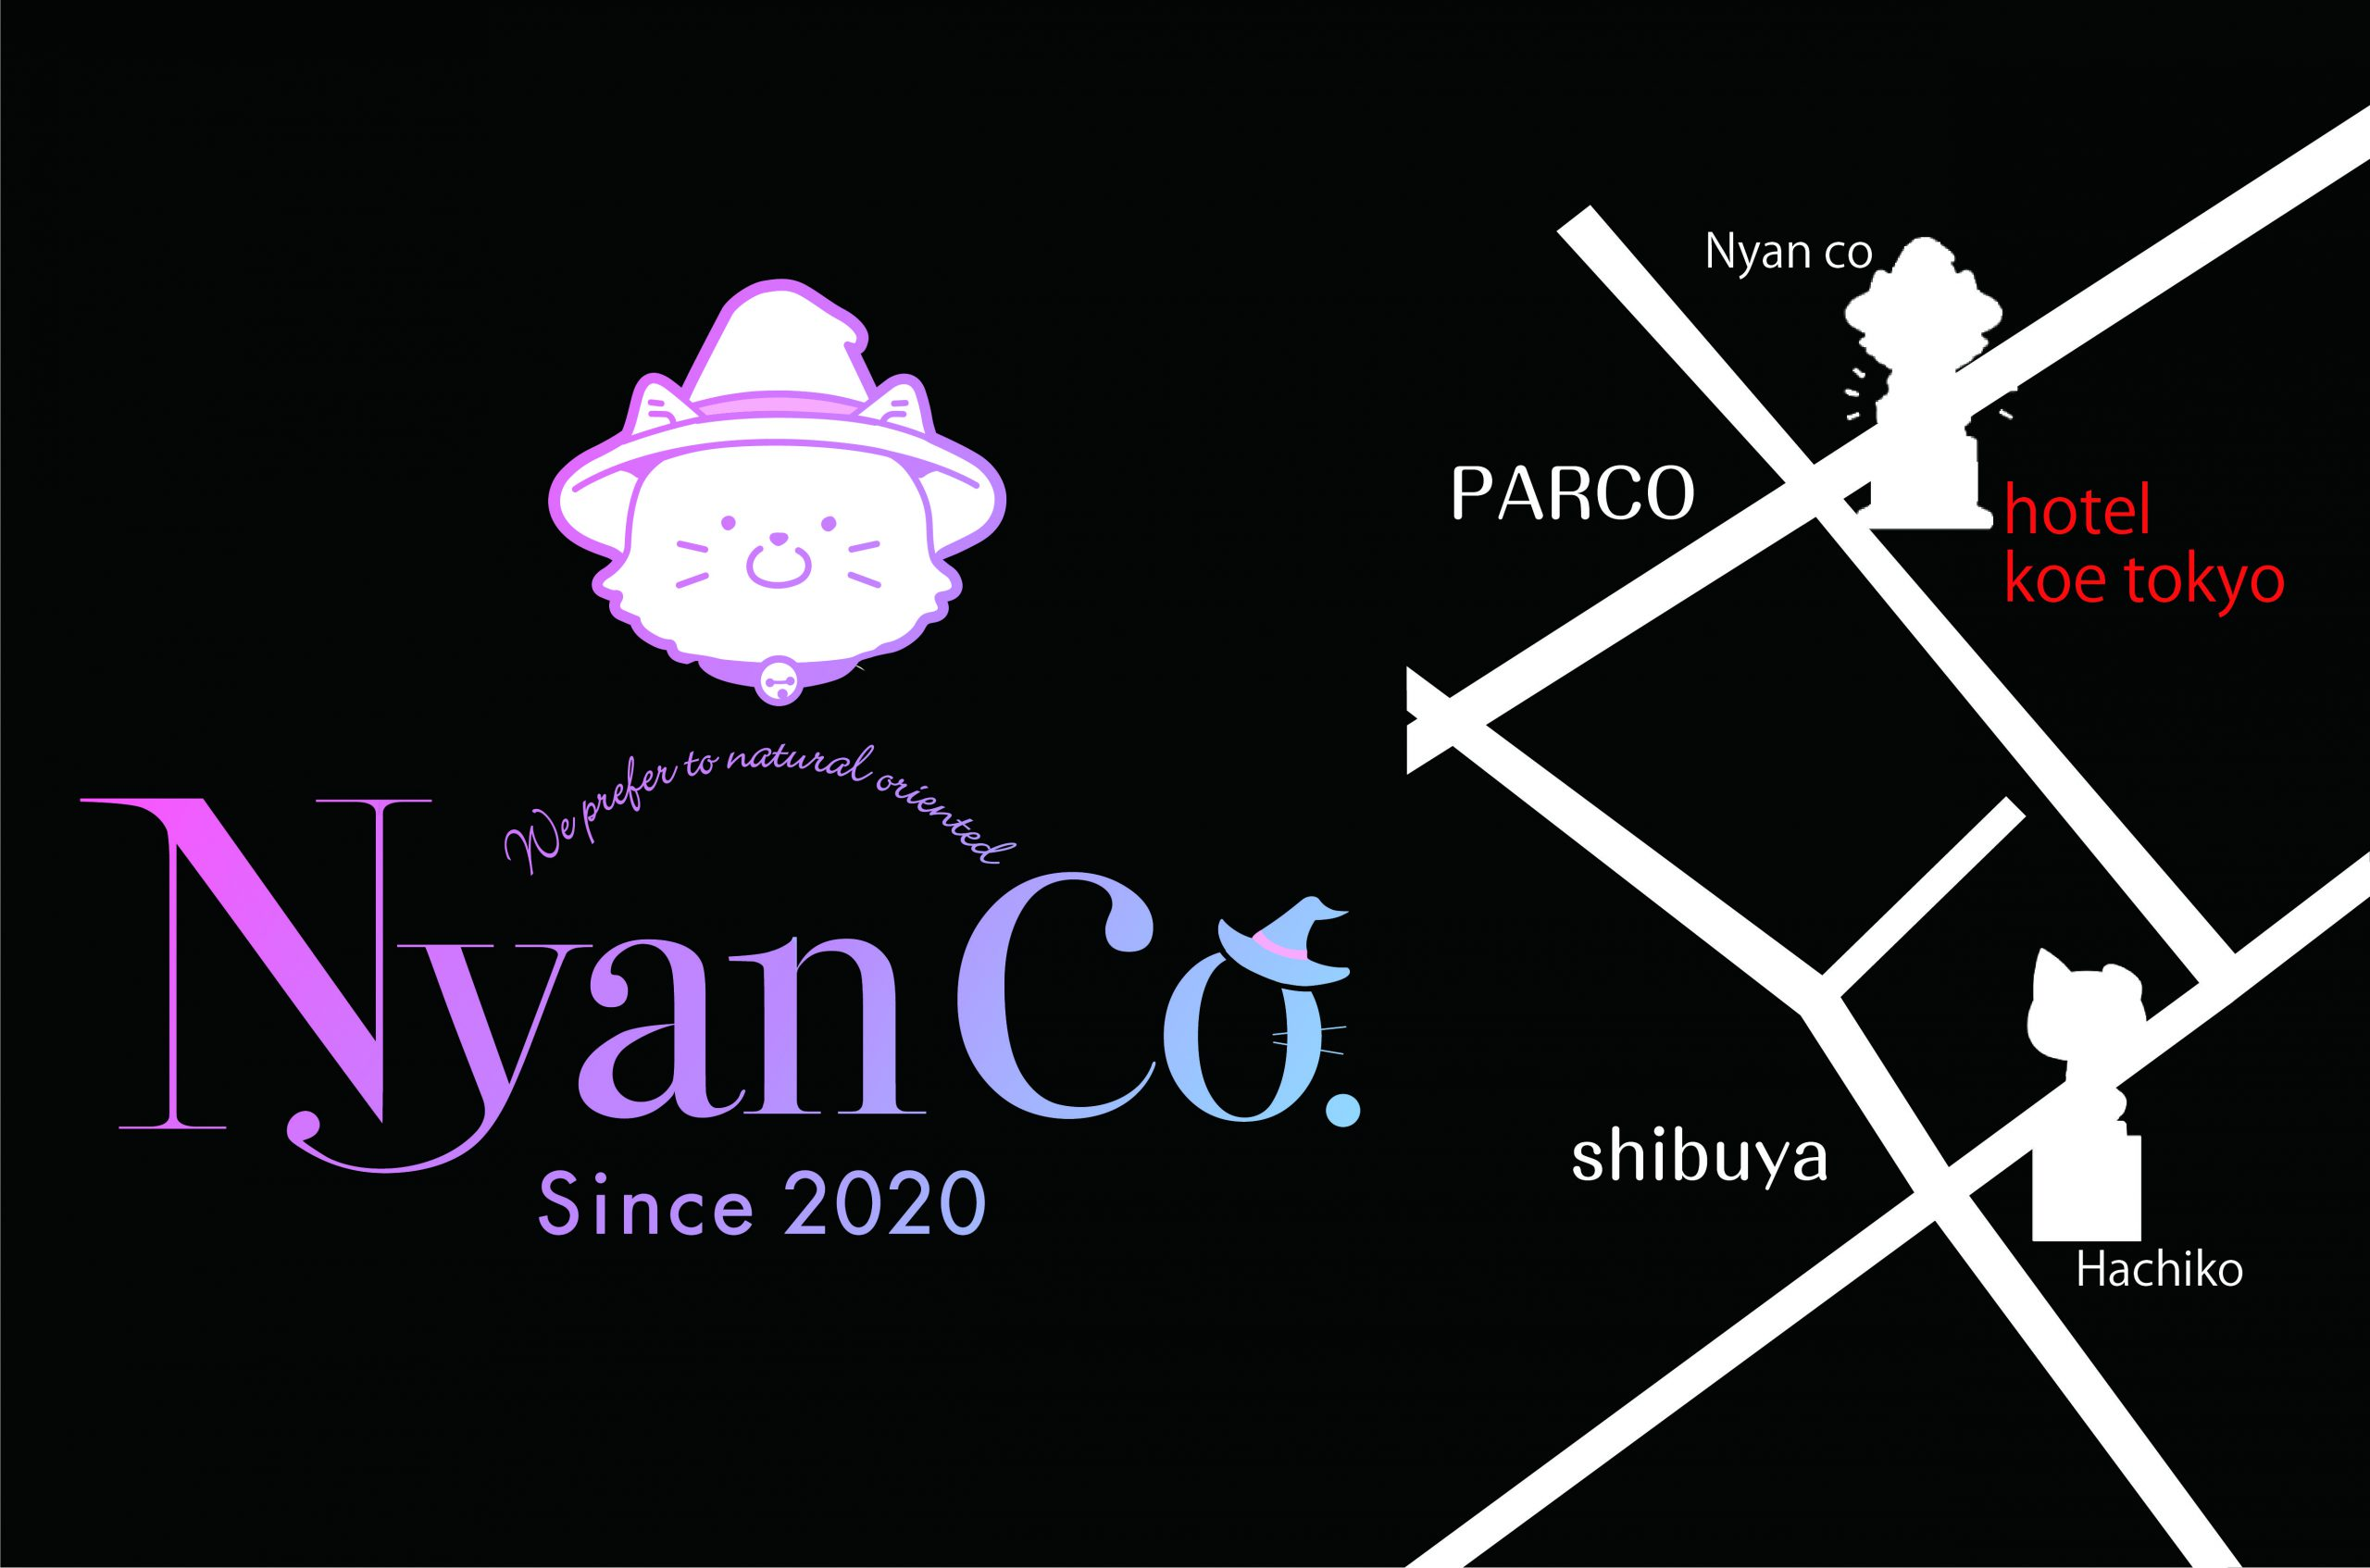 Nyan Co. / D